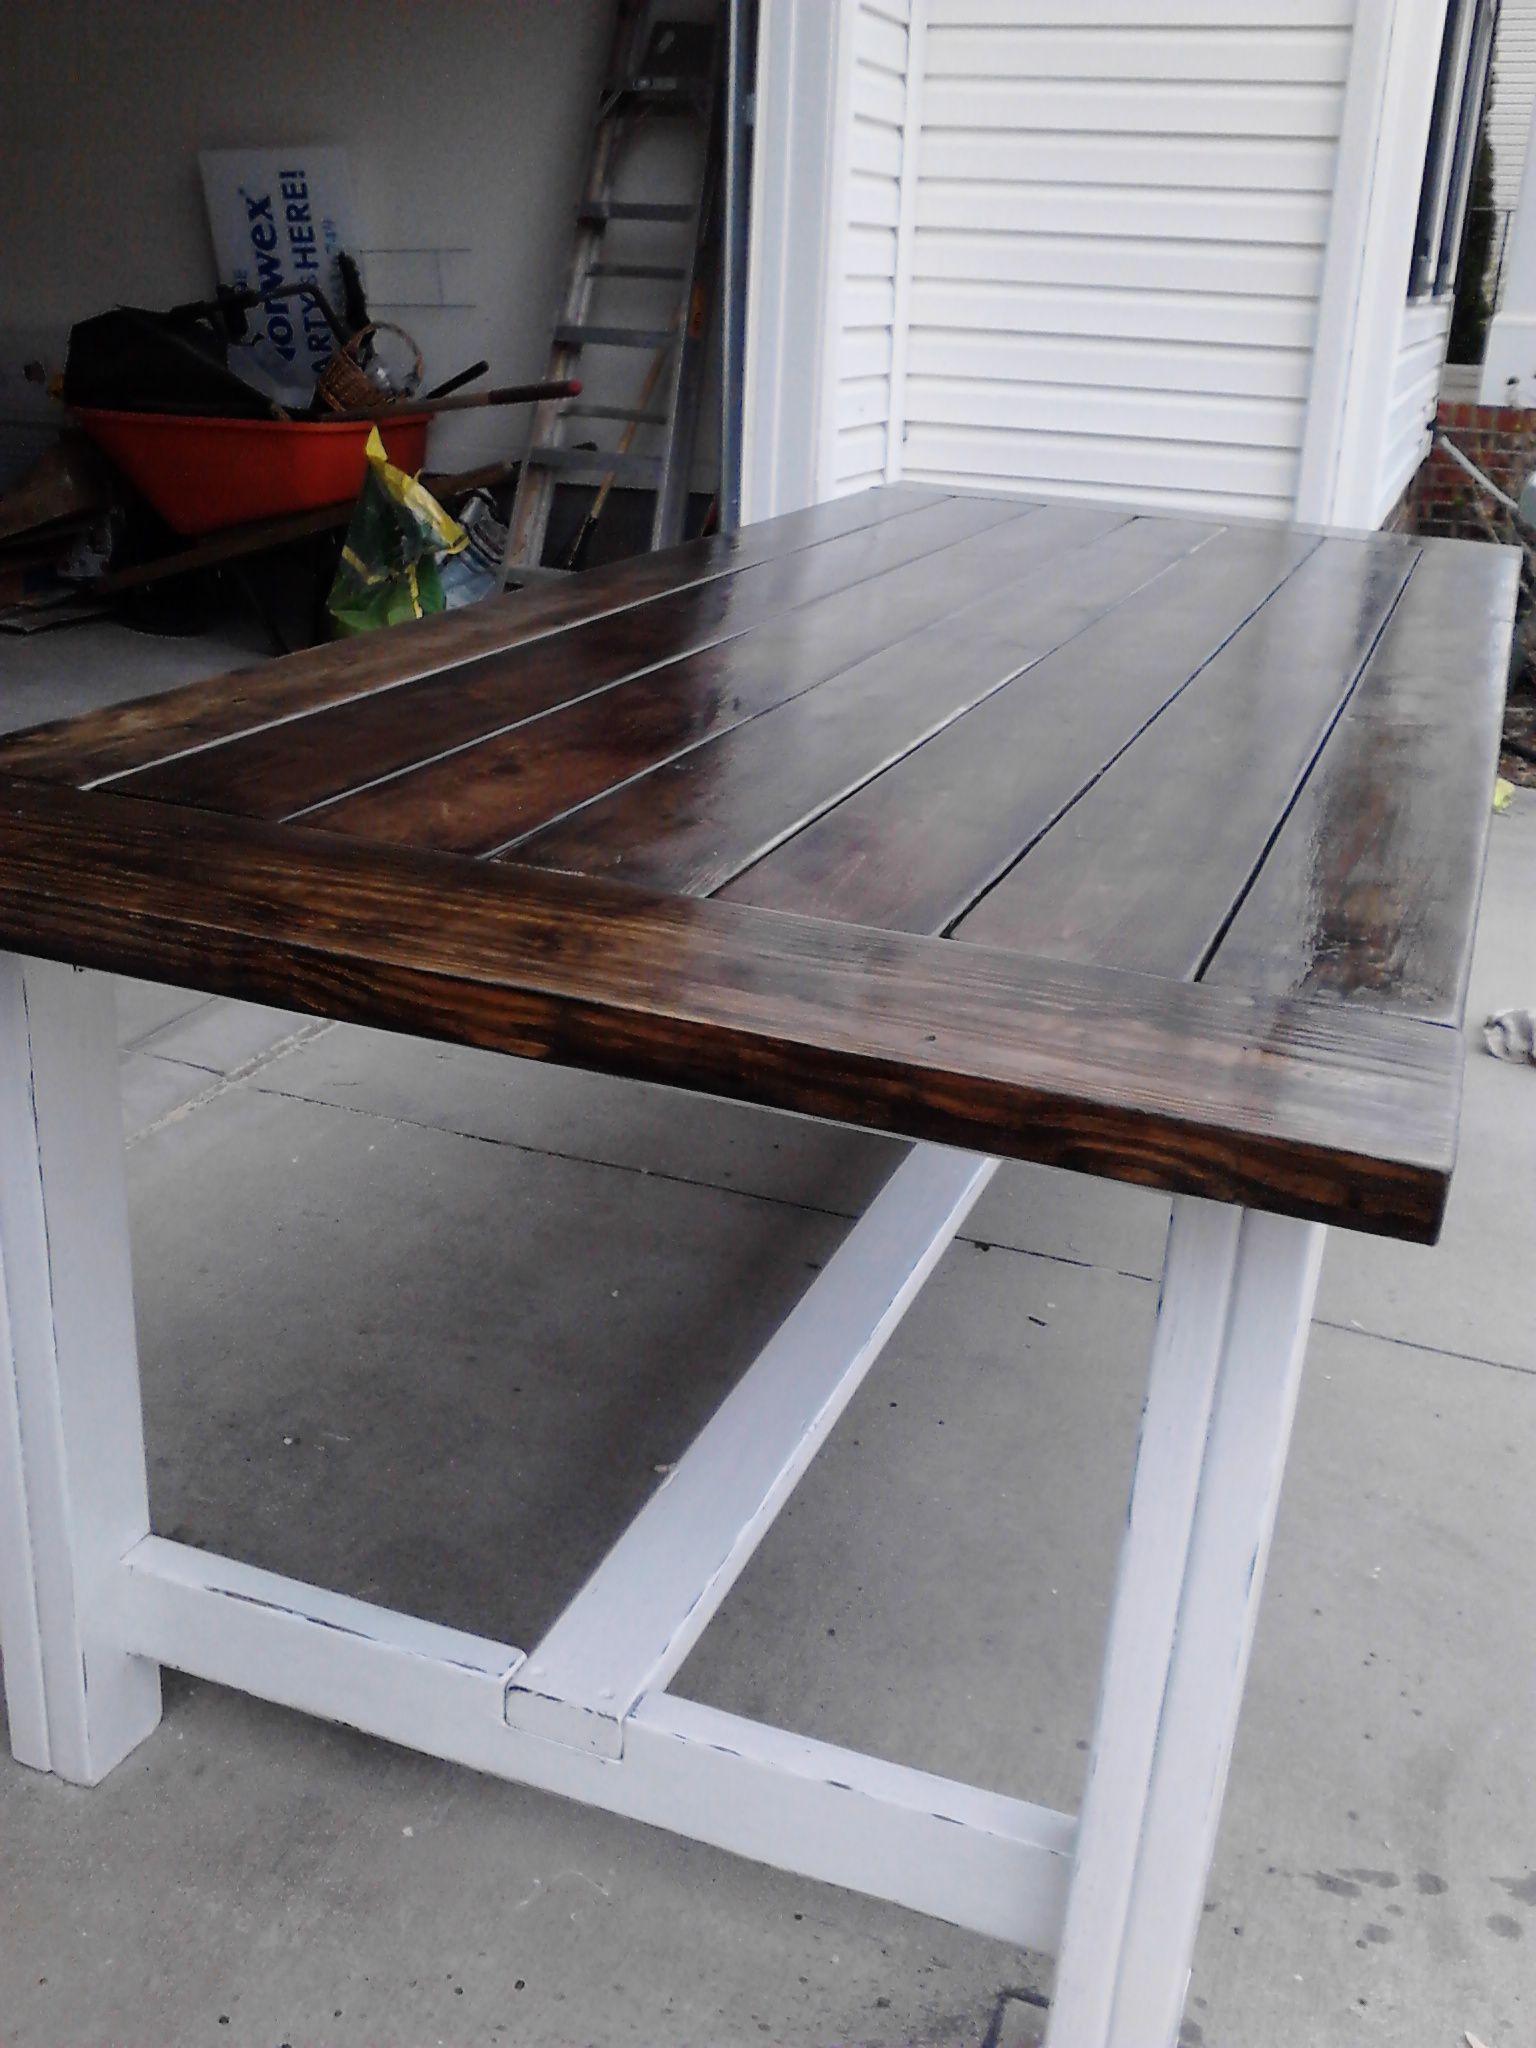 Tea Steel wool and Vinegar stain plus Anna White s farm table